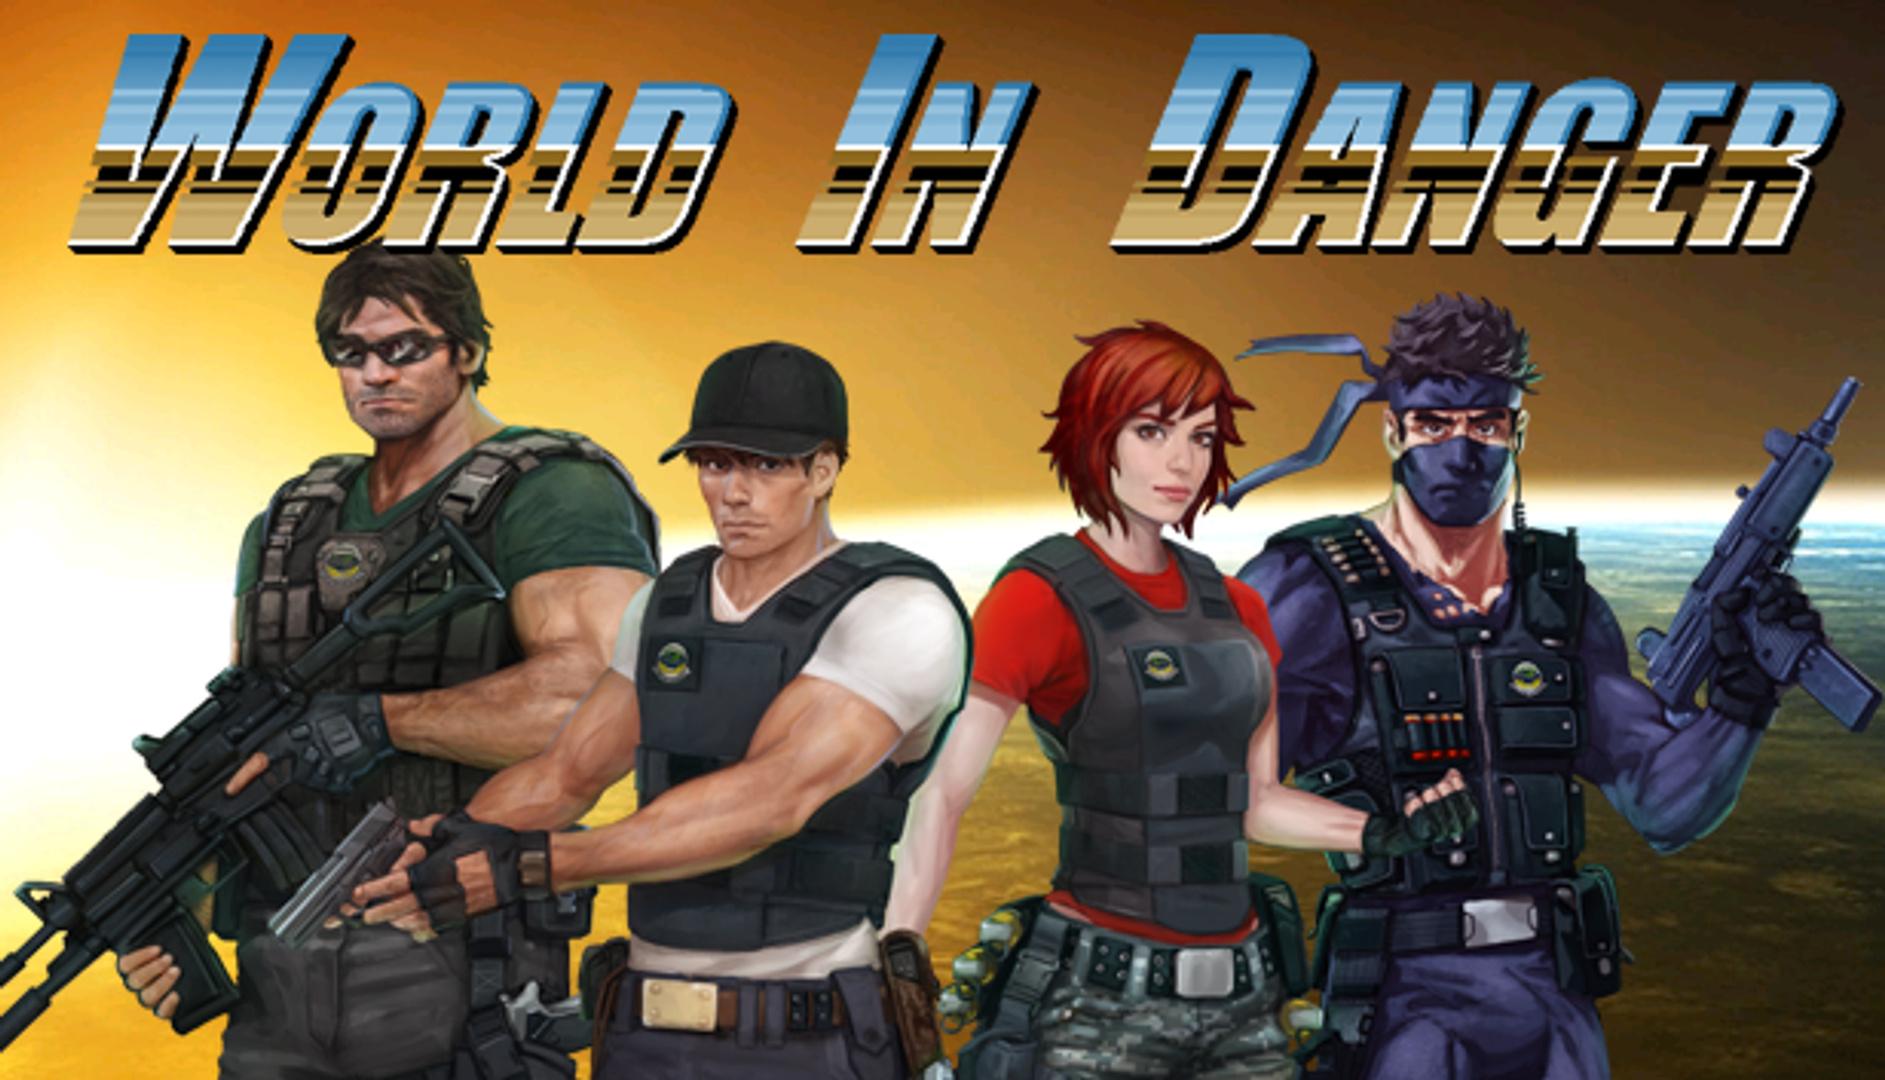 buy World In Danger cd key for pc platform